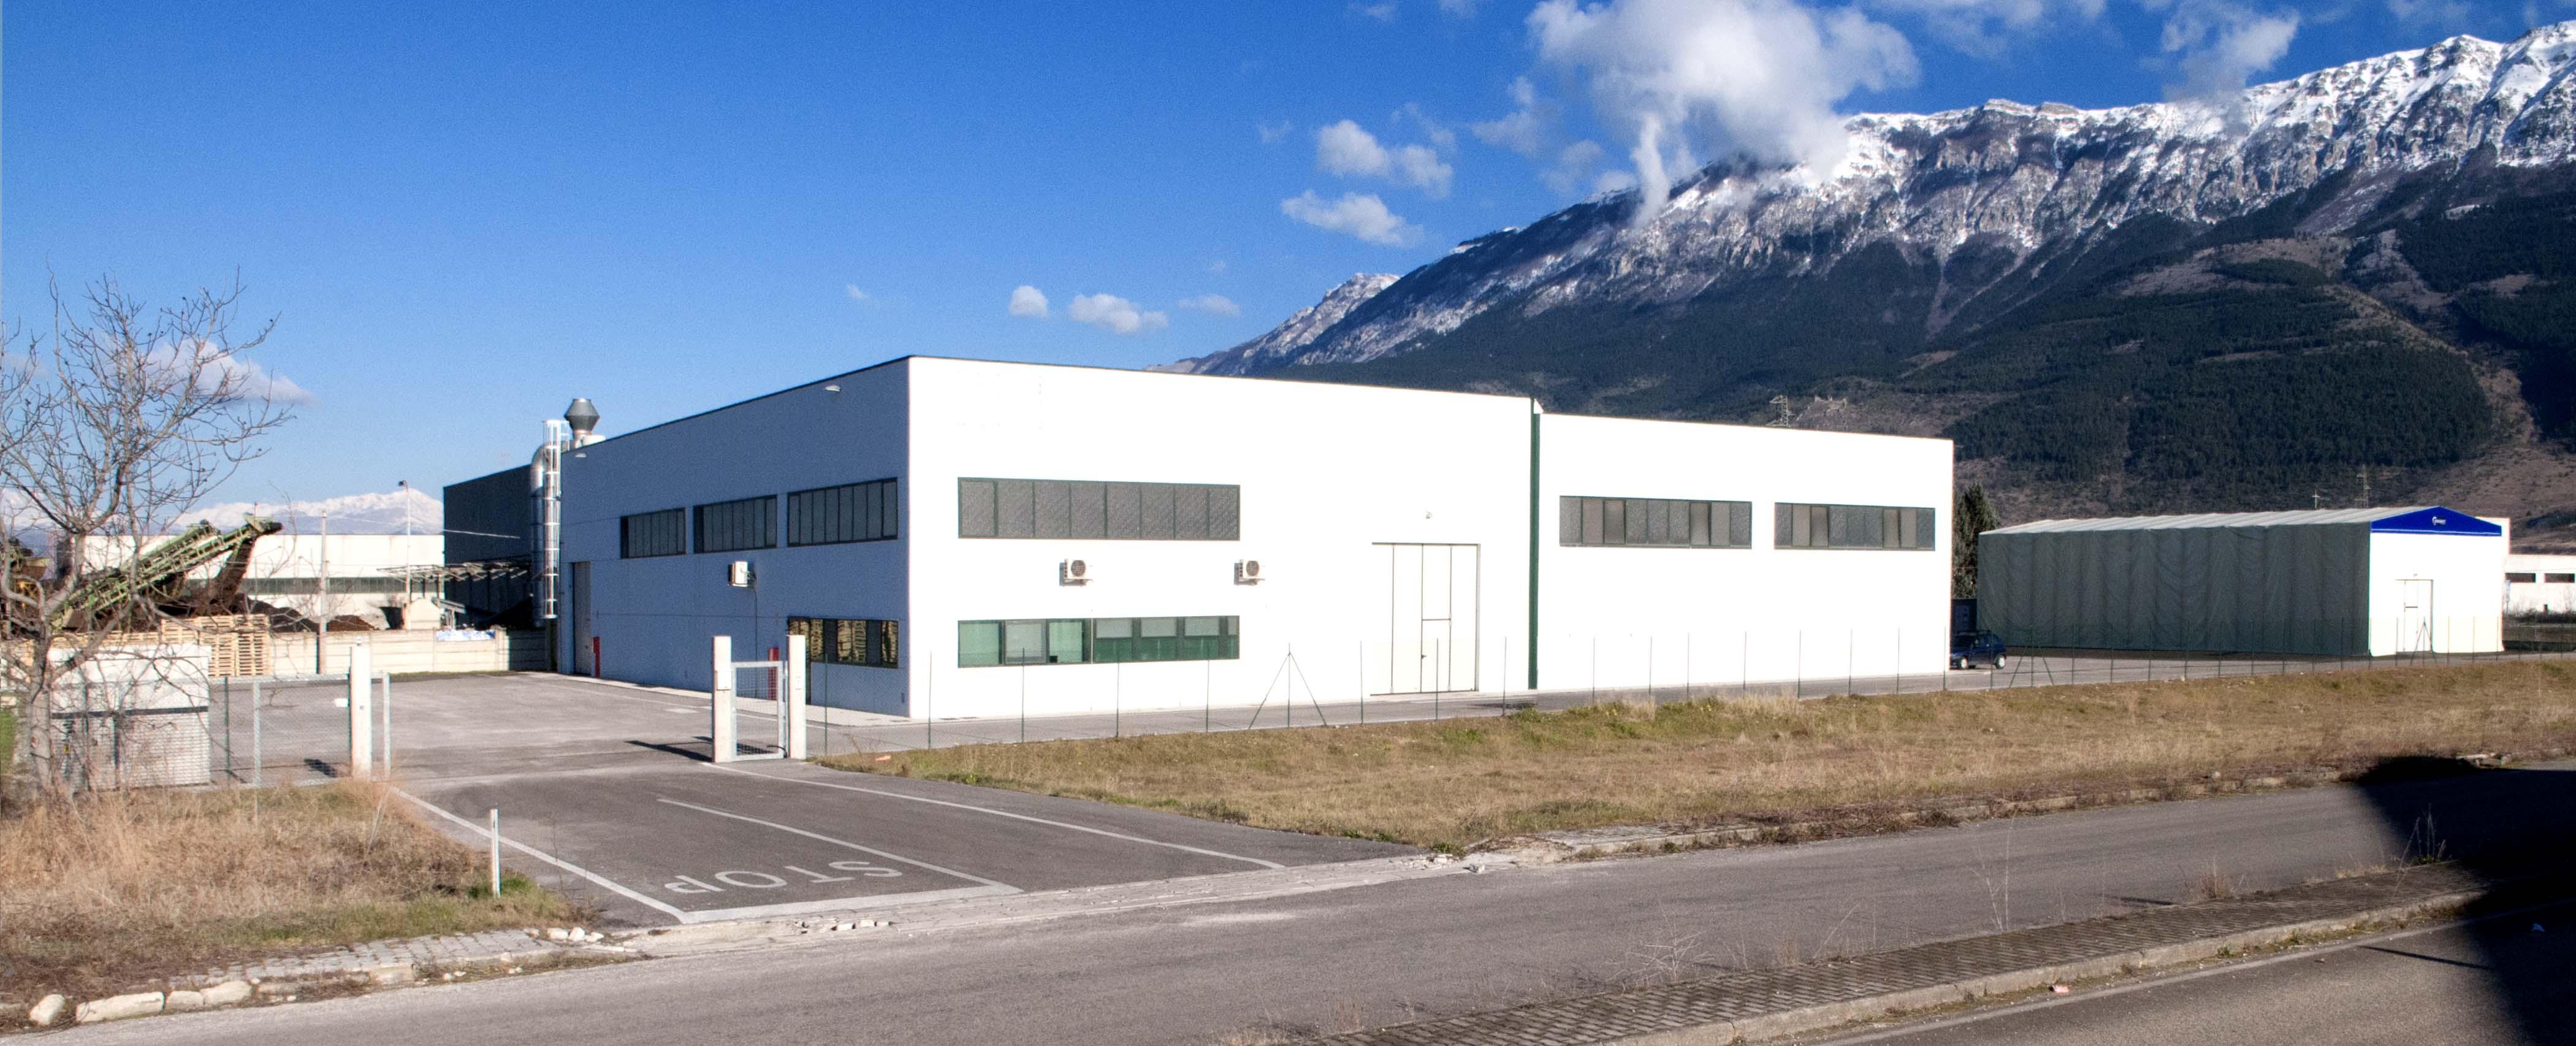 EUROTECK-SRL-STAMPAGGIO-MATERIE-PLASTICHE-PLASTIC-INJECTION-PRODUCTION-PLANT-MEDIA-DETTAGLIO